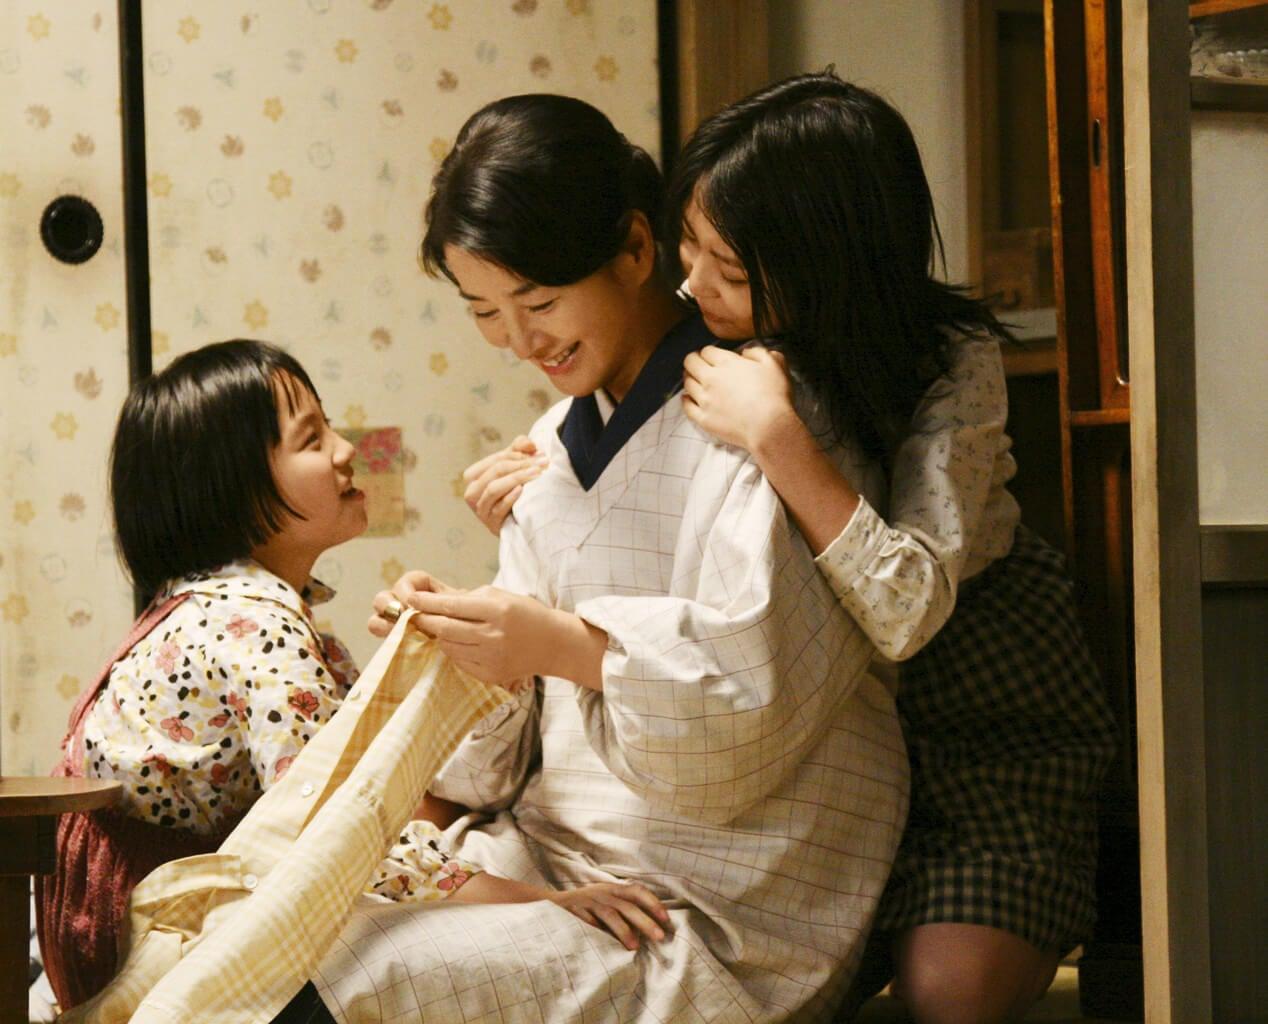 Una mamma asiatica che cuce insieme alle due figlie.